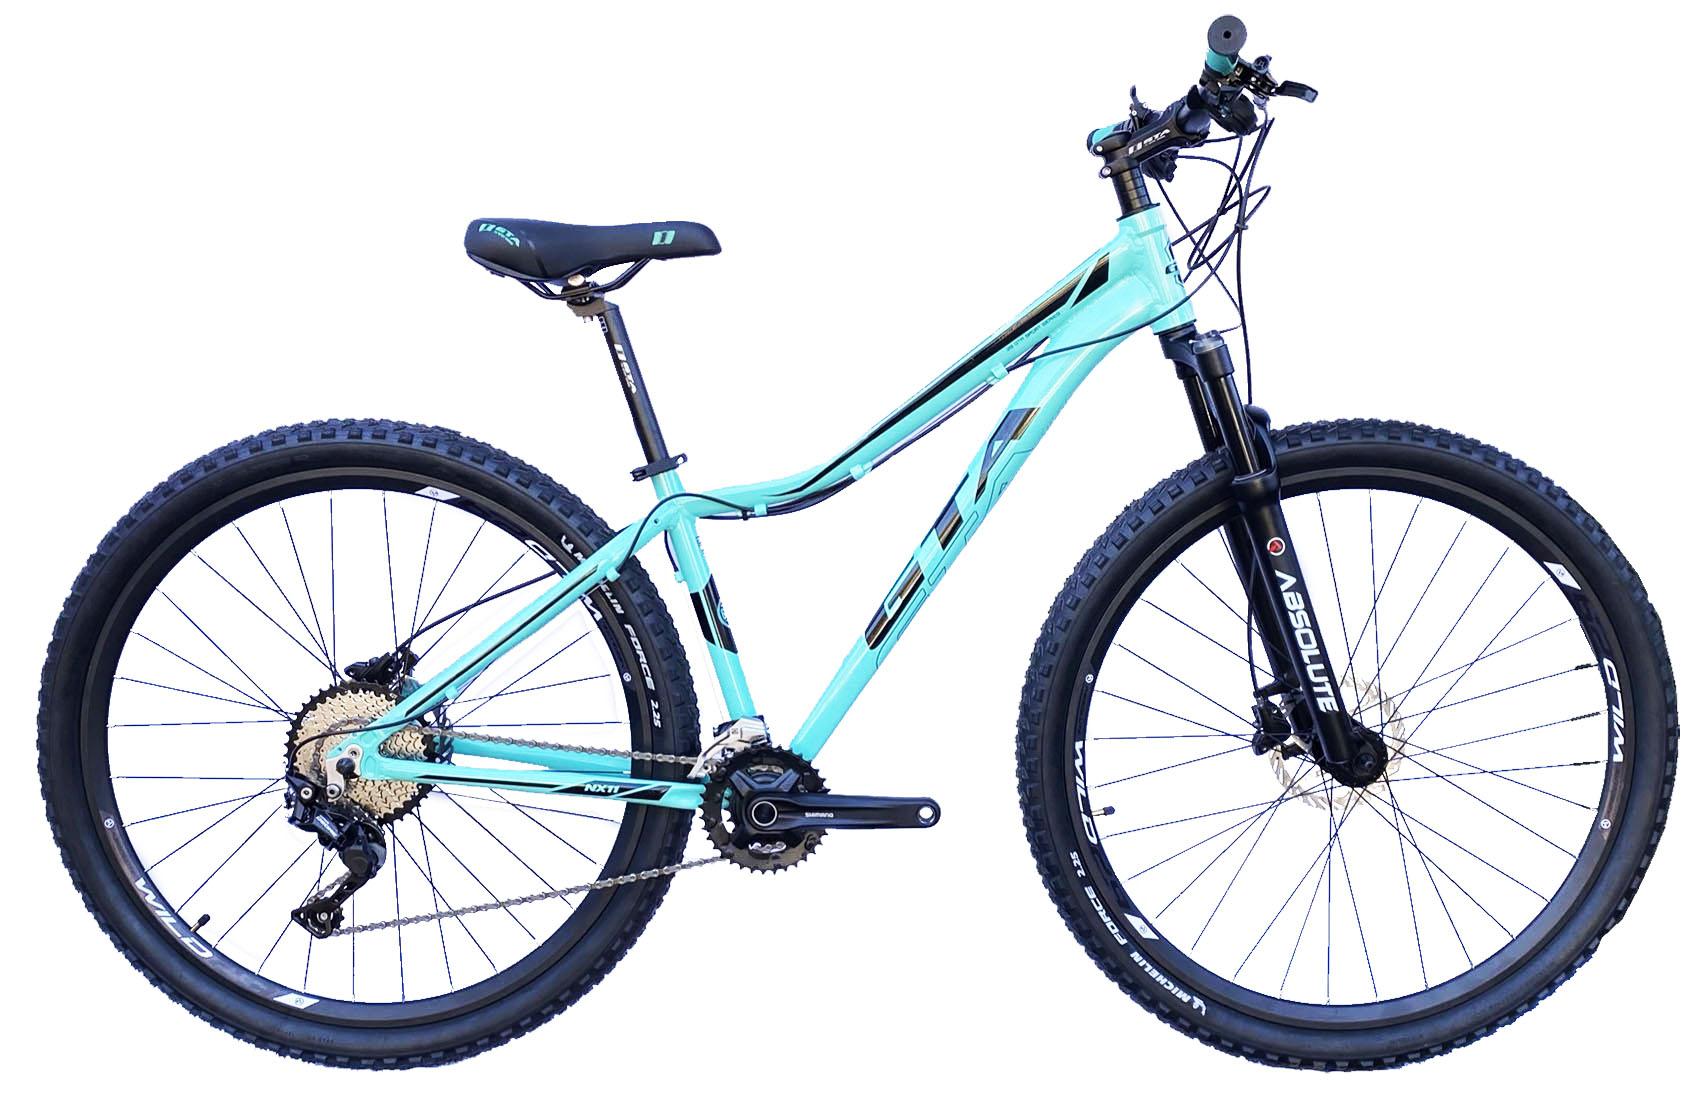 Bicicleta 29 Feminina NX11 20v Suspensão com Trava no Guidão - Absolute